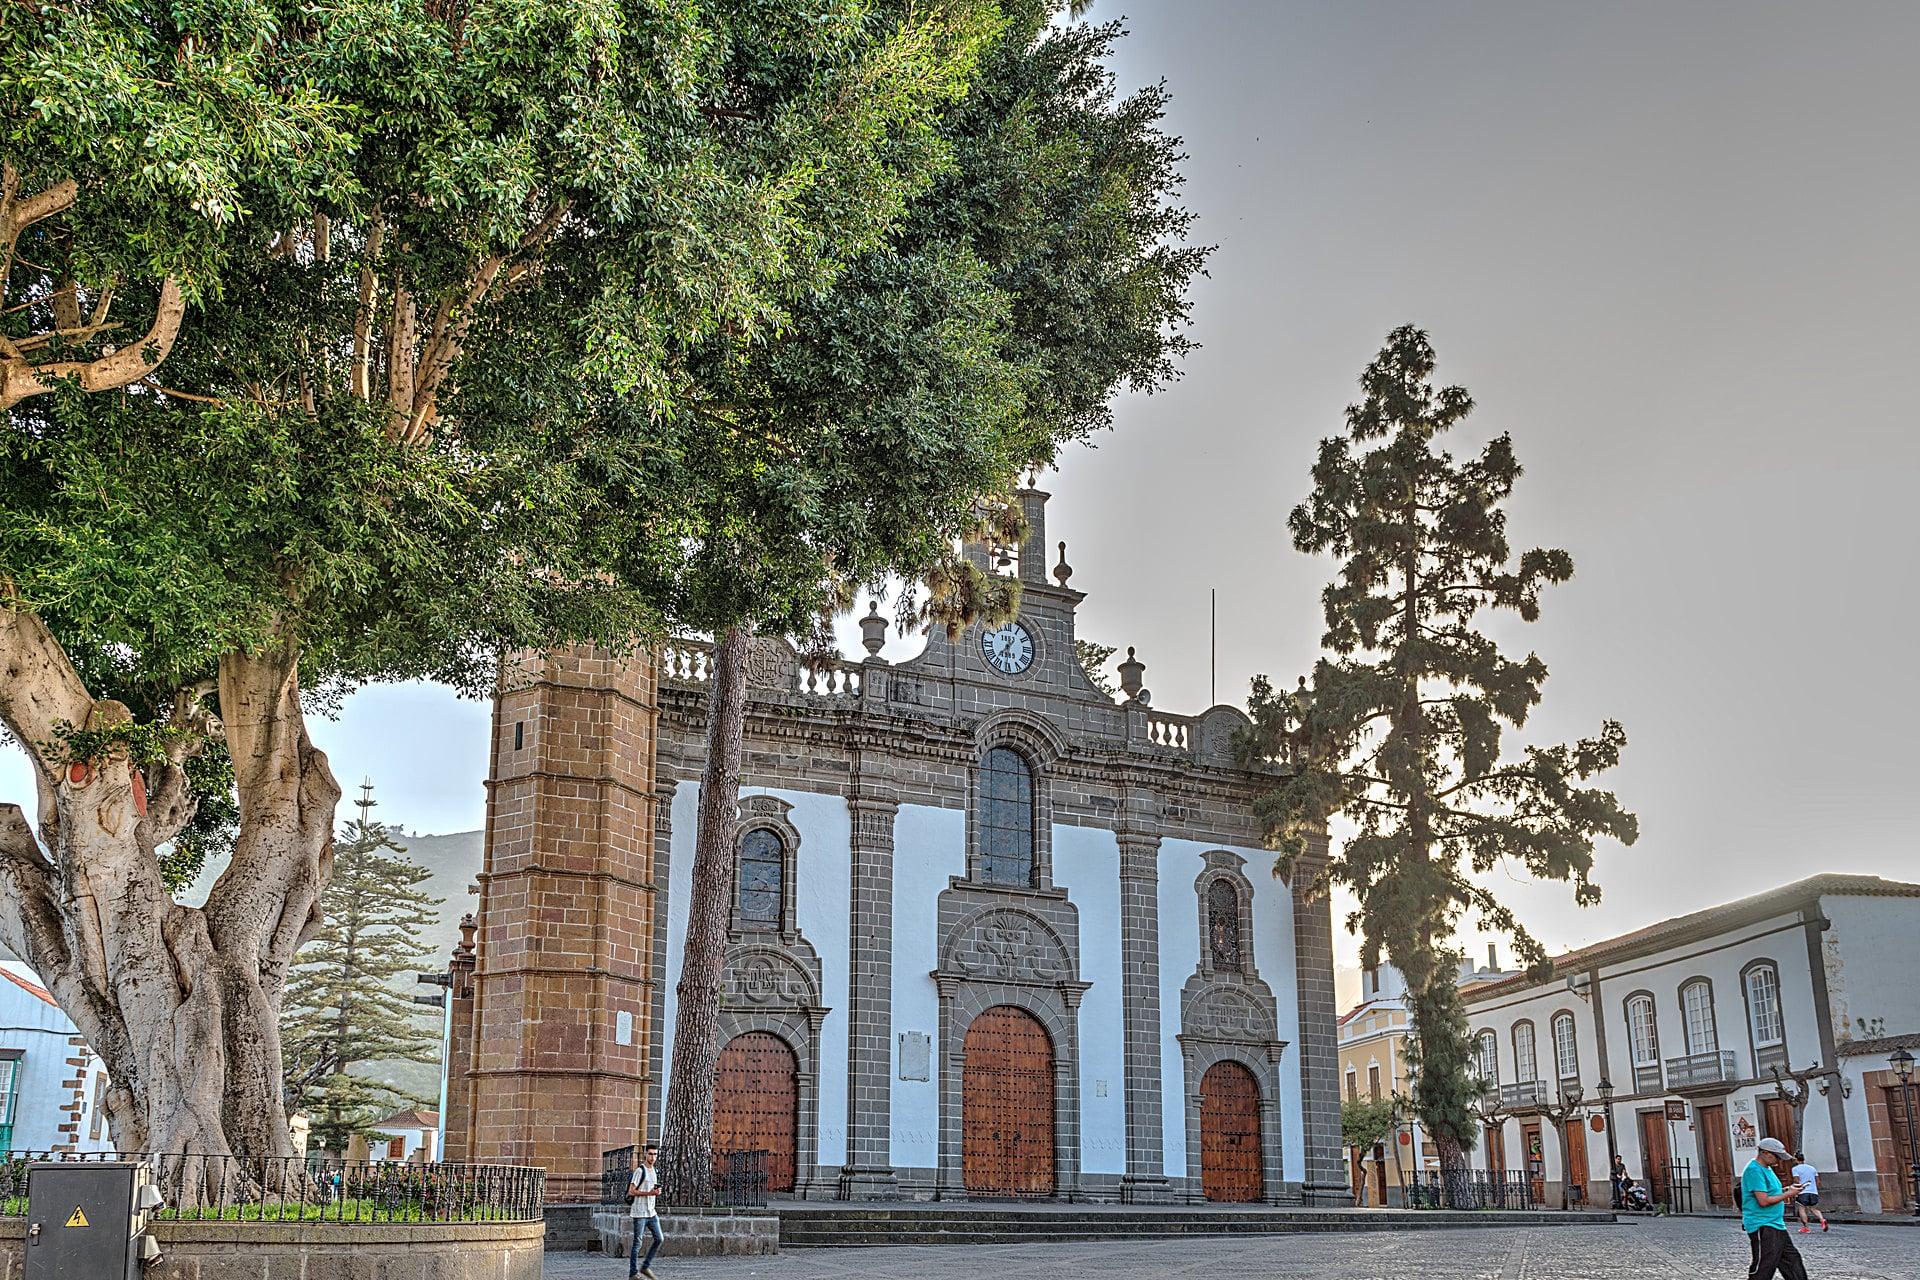 Teror-Basilica-Nuestra-Senora-del-Pino